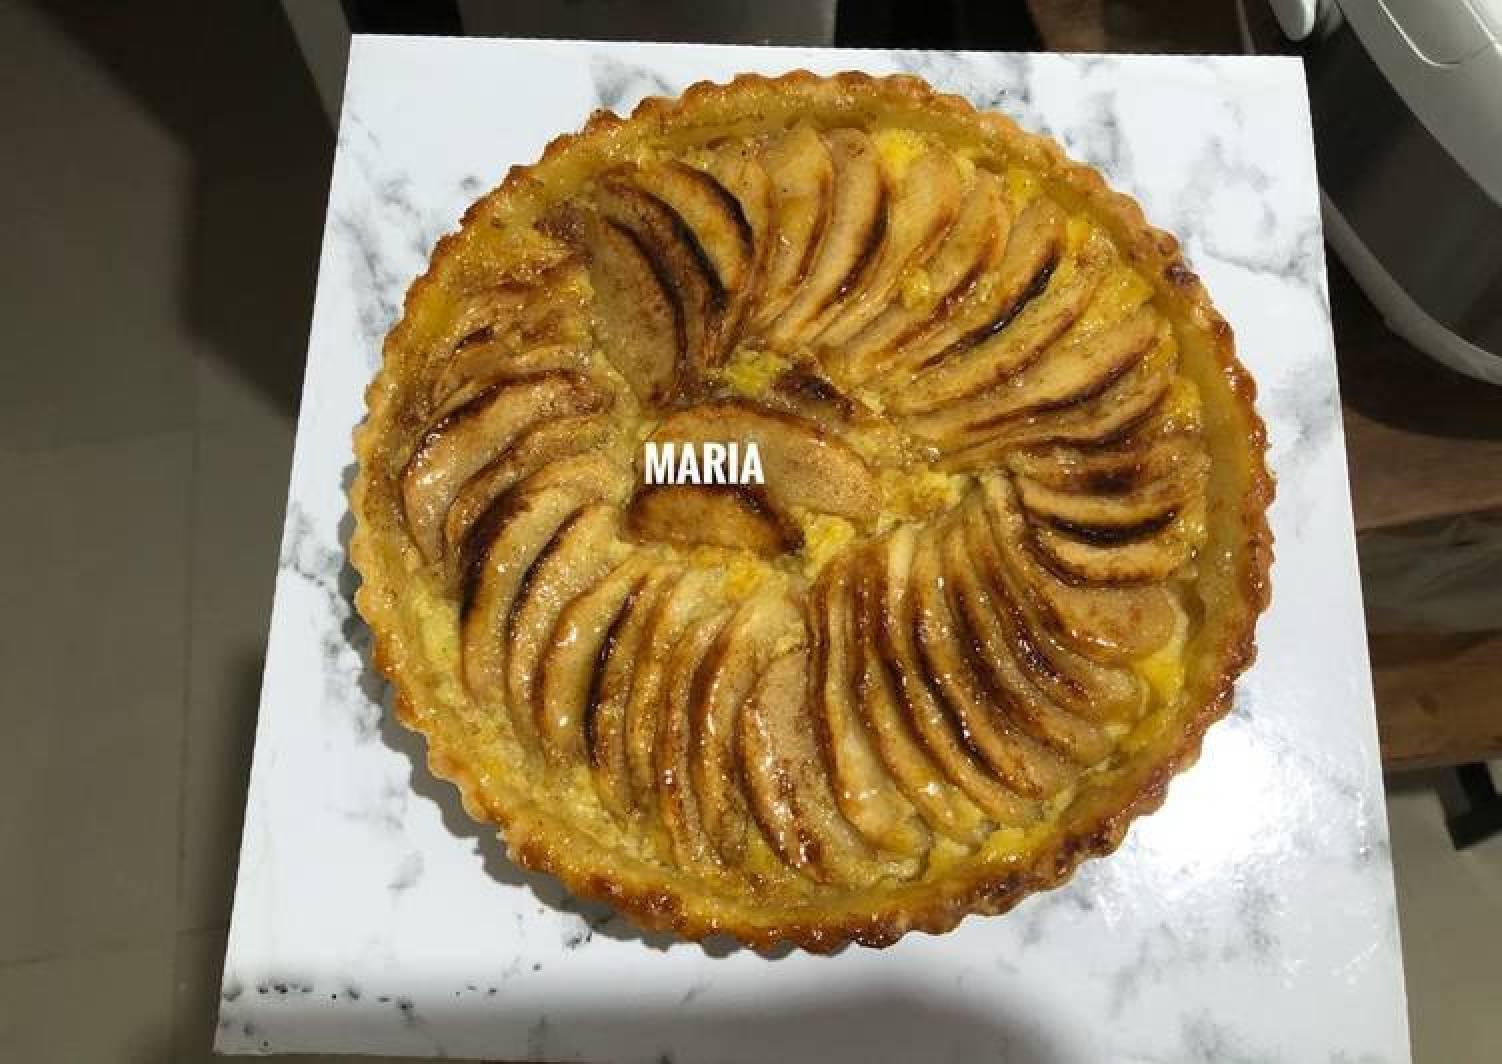 Resep Apple Pie French Apple Tart Enak Banget Resep Terbaik Viral